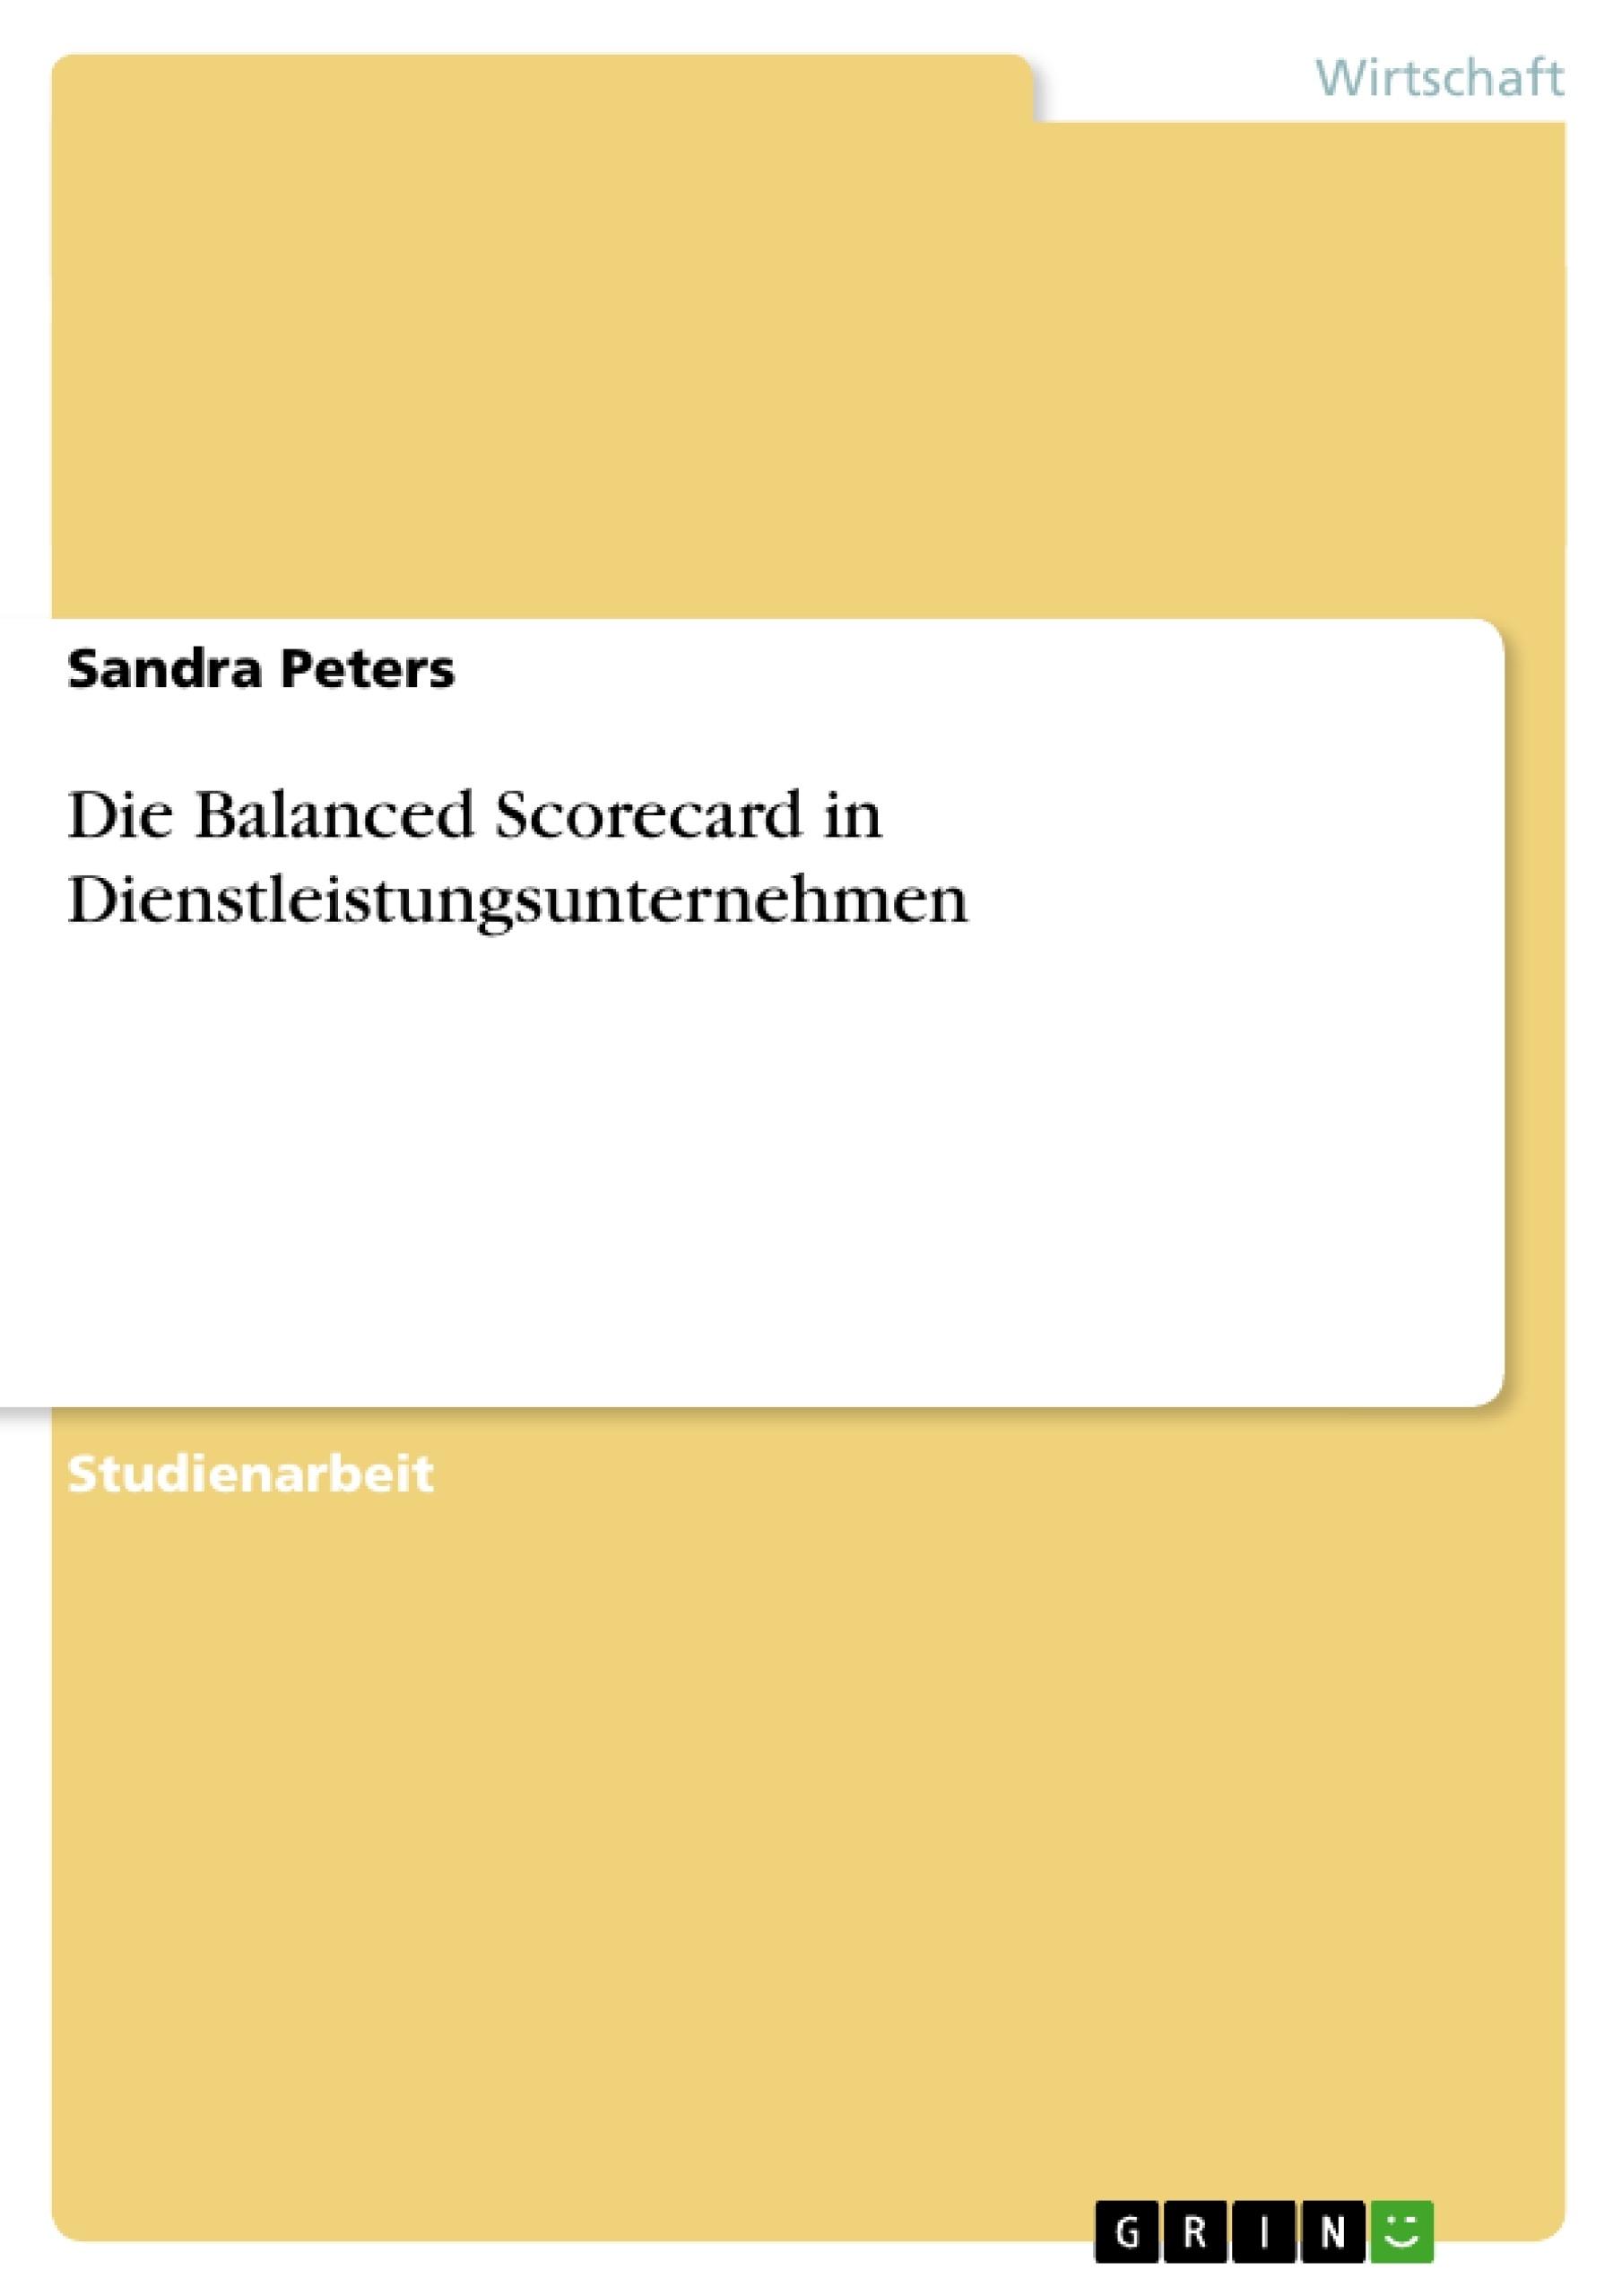 Titel: Die Balanced Scorecard in Dienstleistungsunternehmen